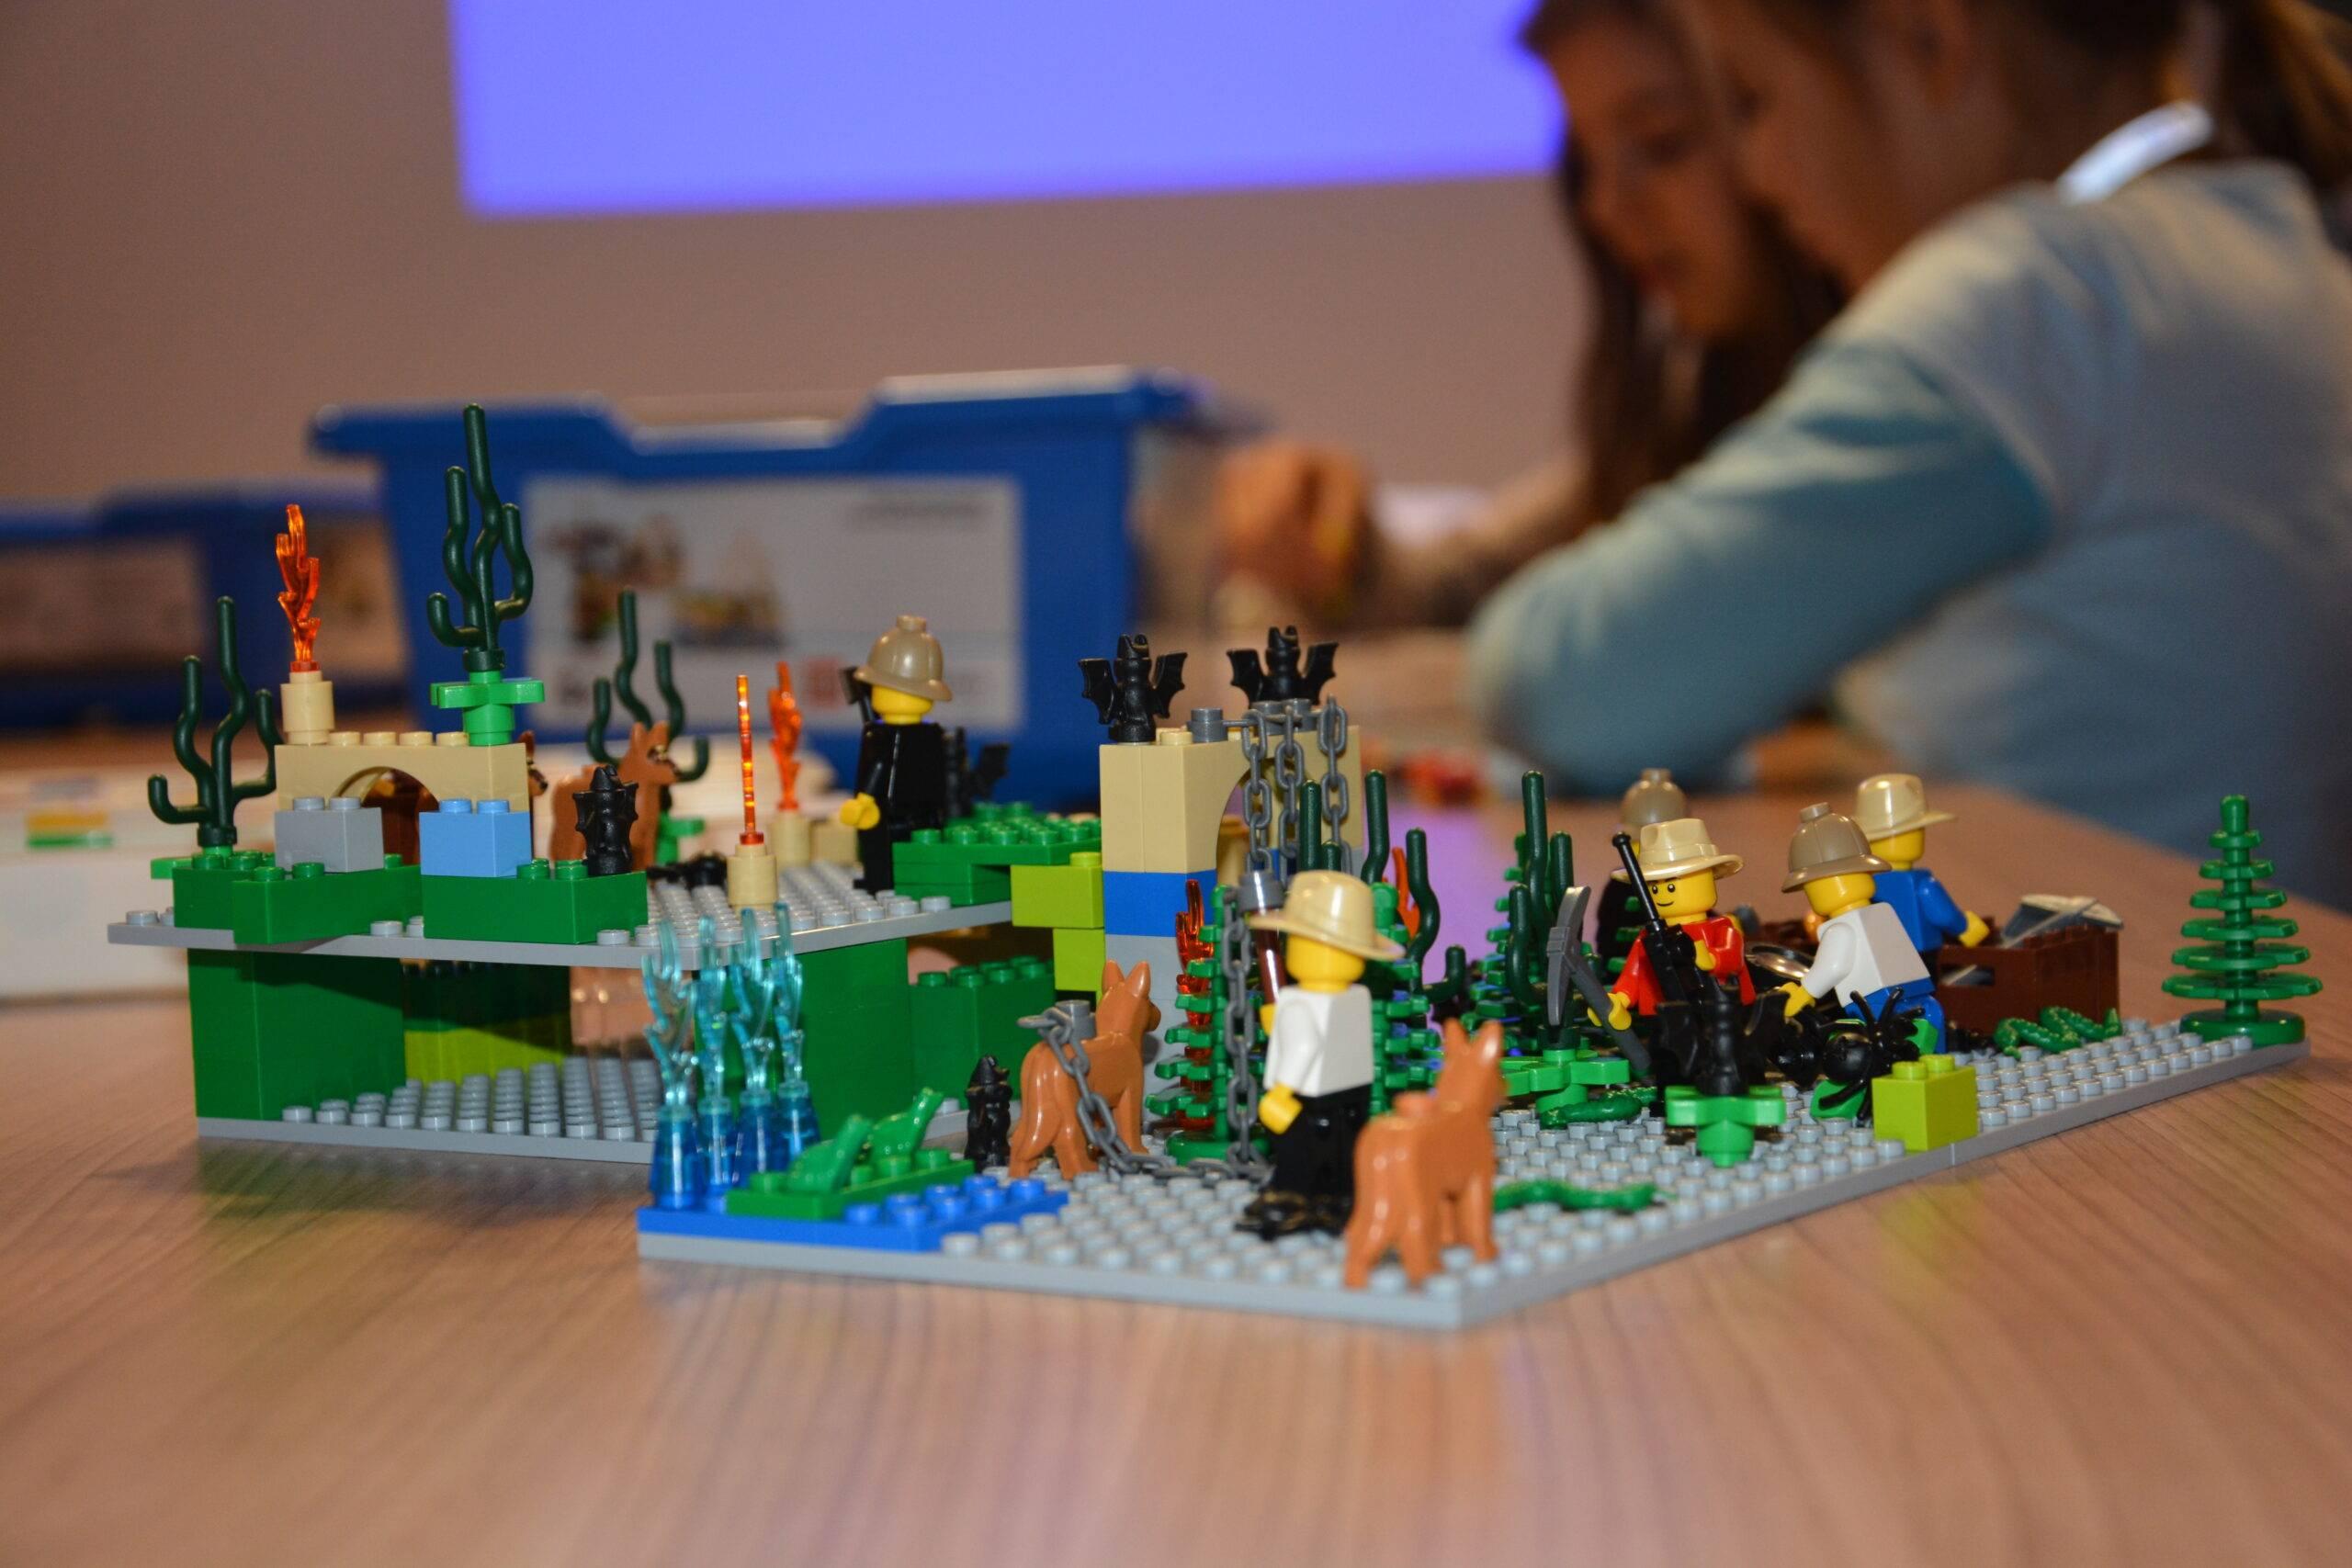 Uniwersytet Dziecięcy - Kraina z klocków Lego